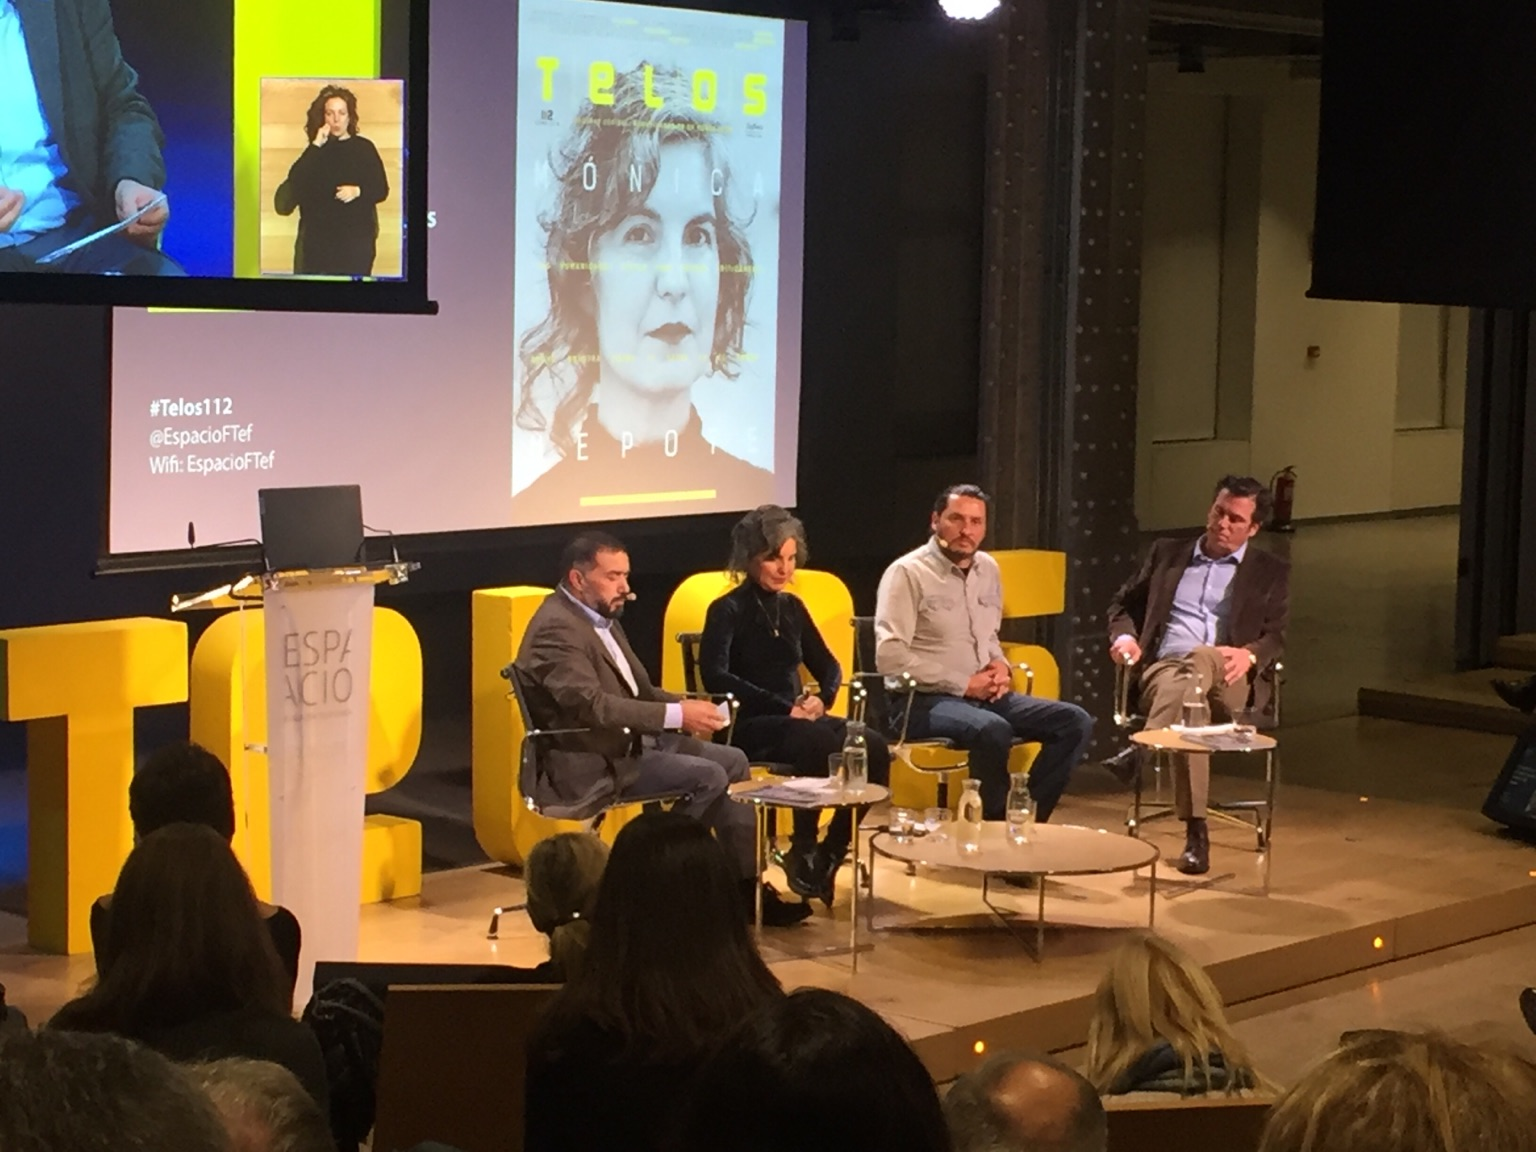 Ricardo Alonso Maturana participa en la presentación de la Revista Telos 112, de Fundación Telefónica